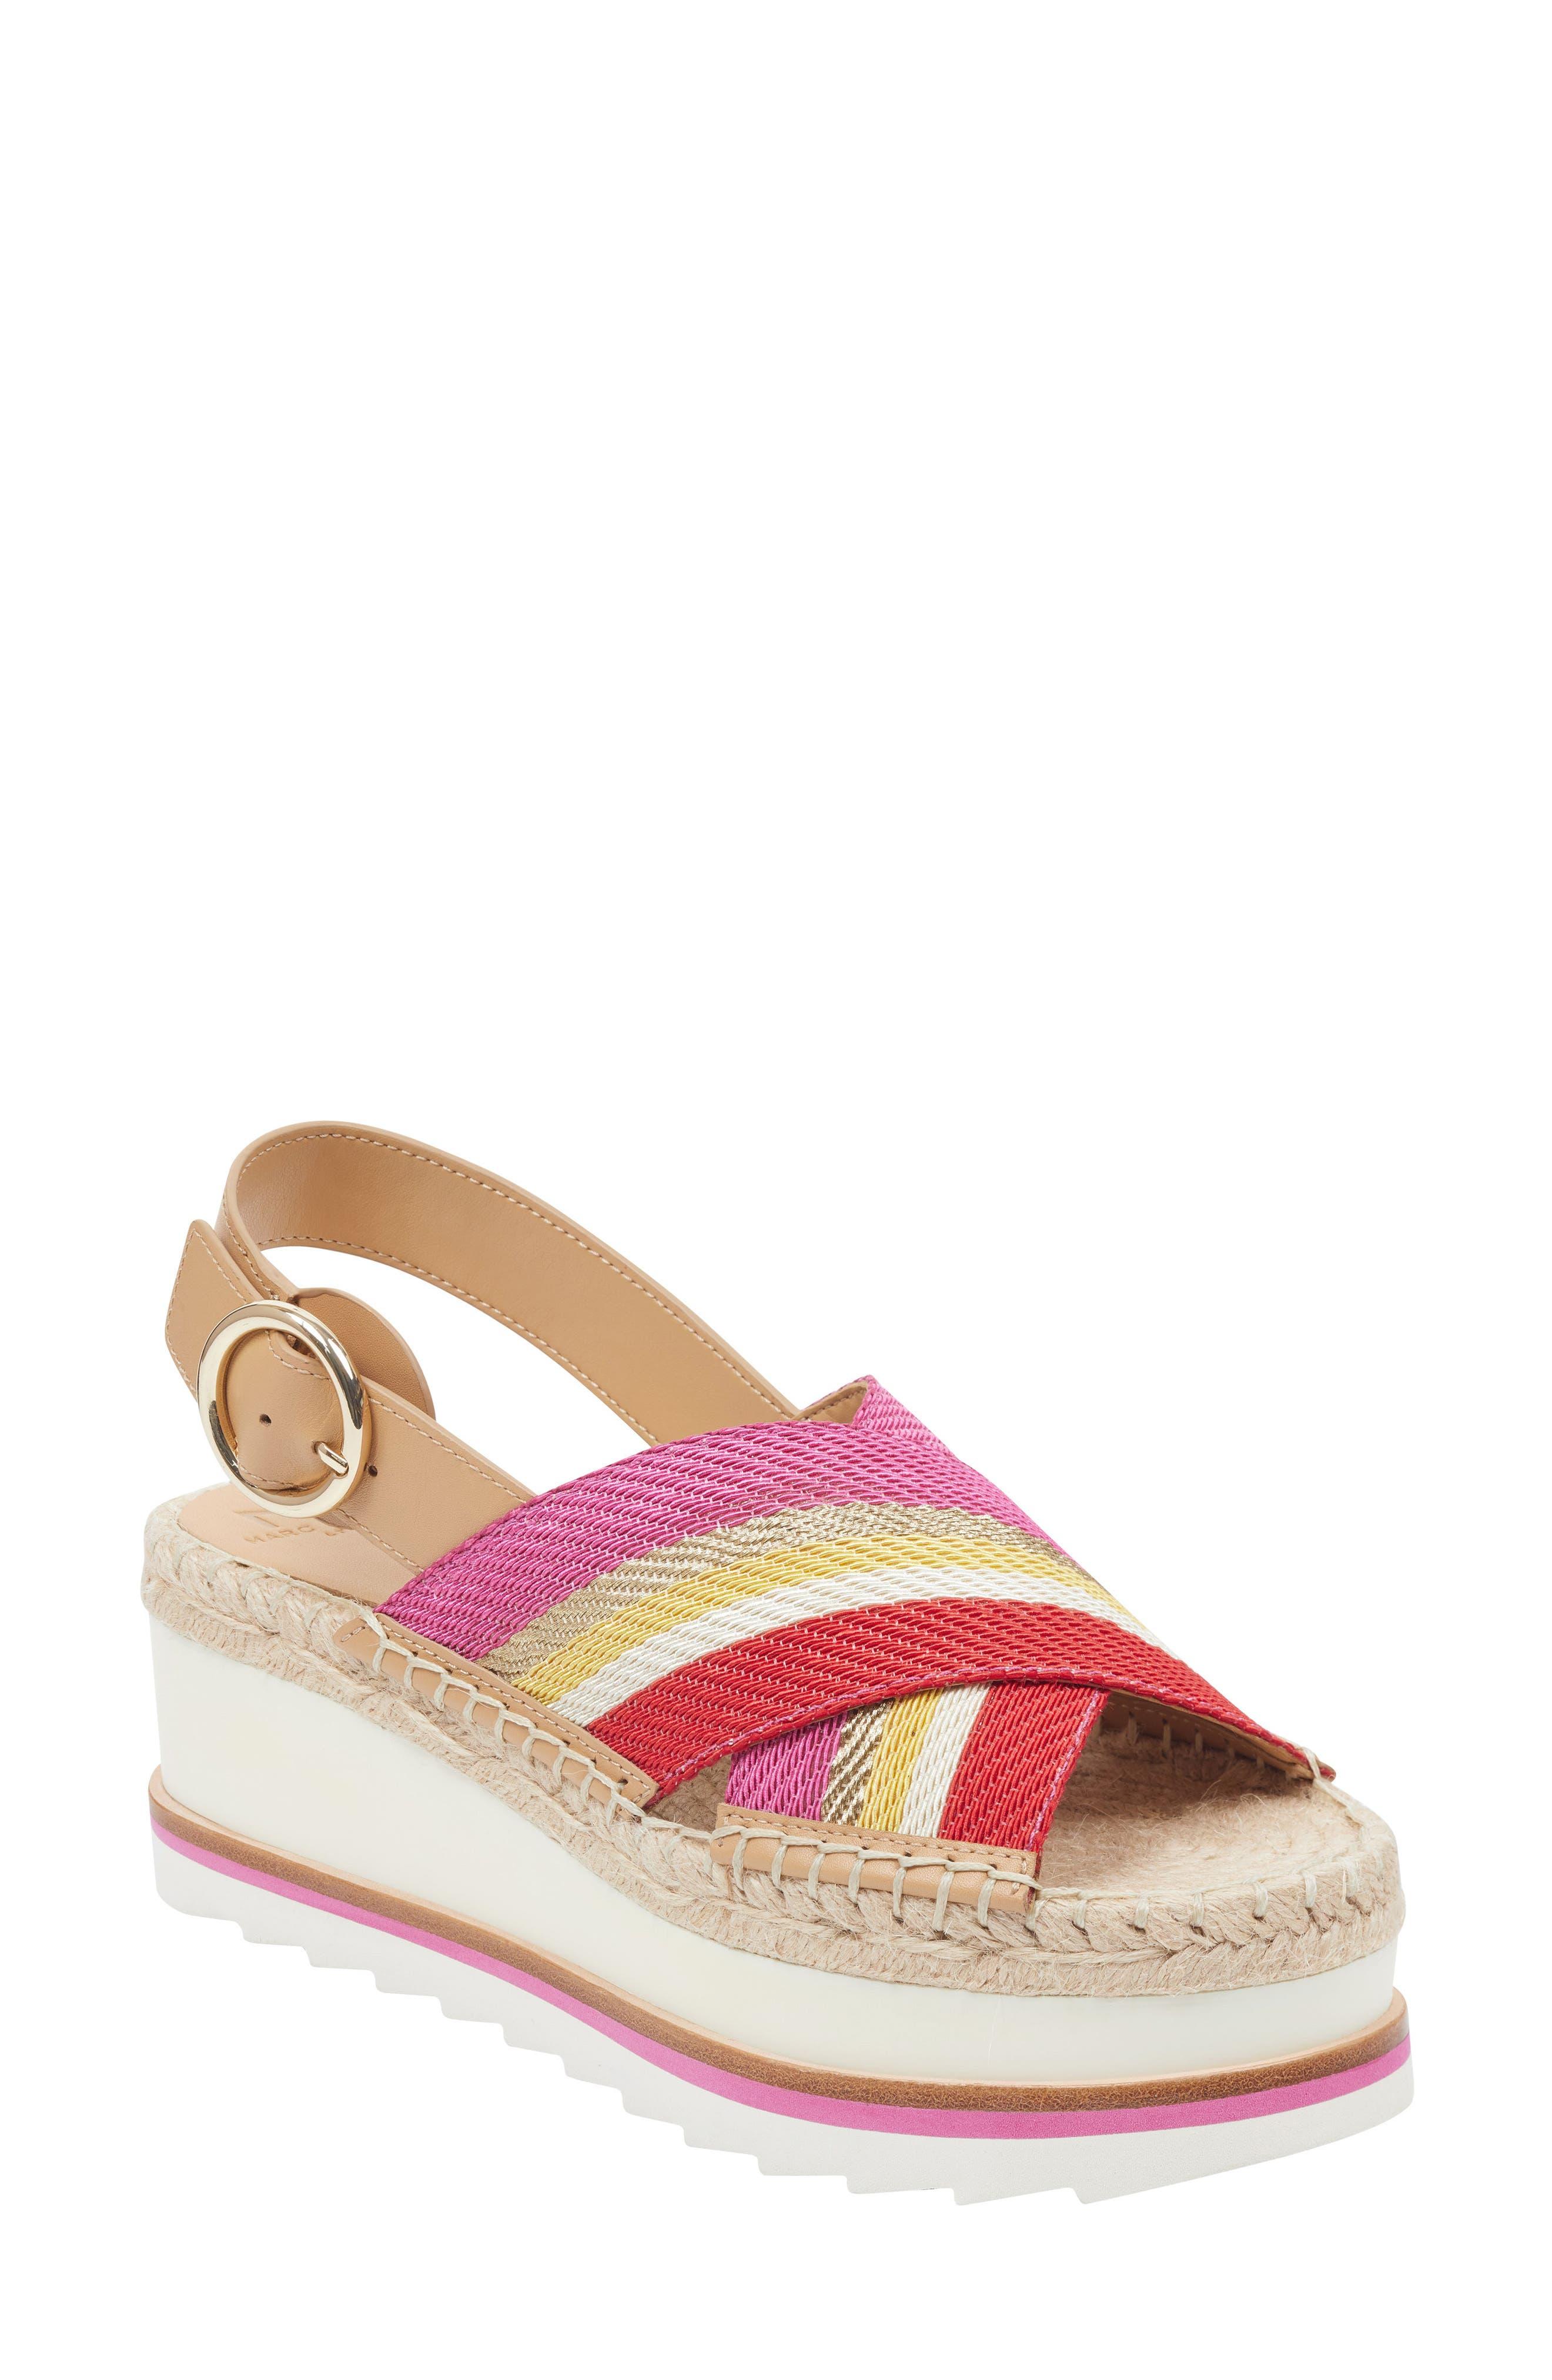 Marc Fisher Ltd Glenna Platform Slingback Sandal, Pink